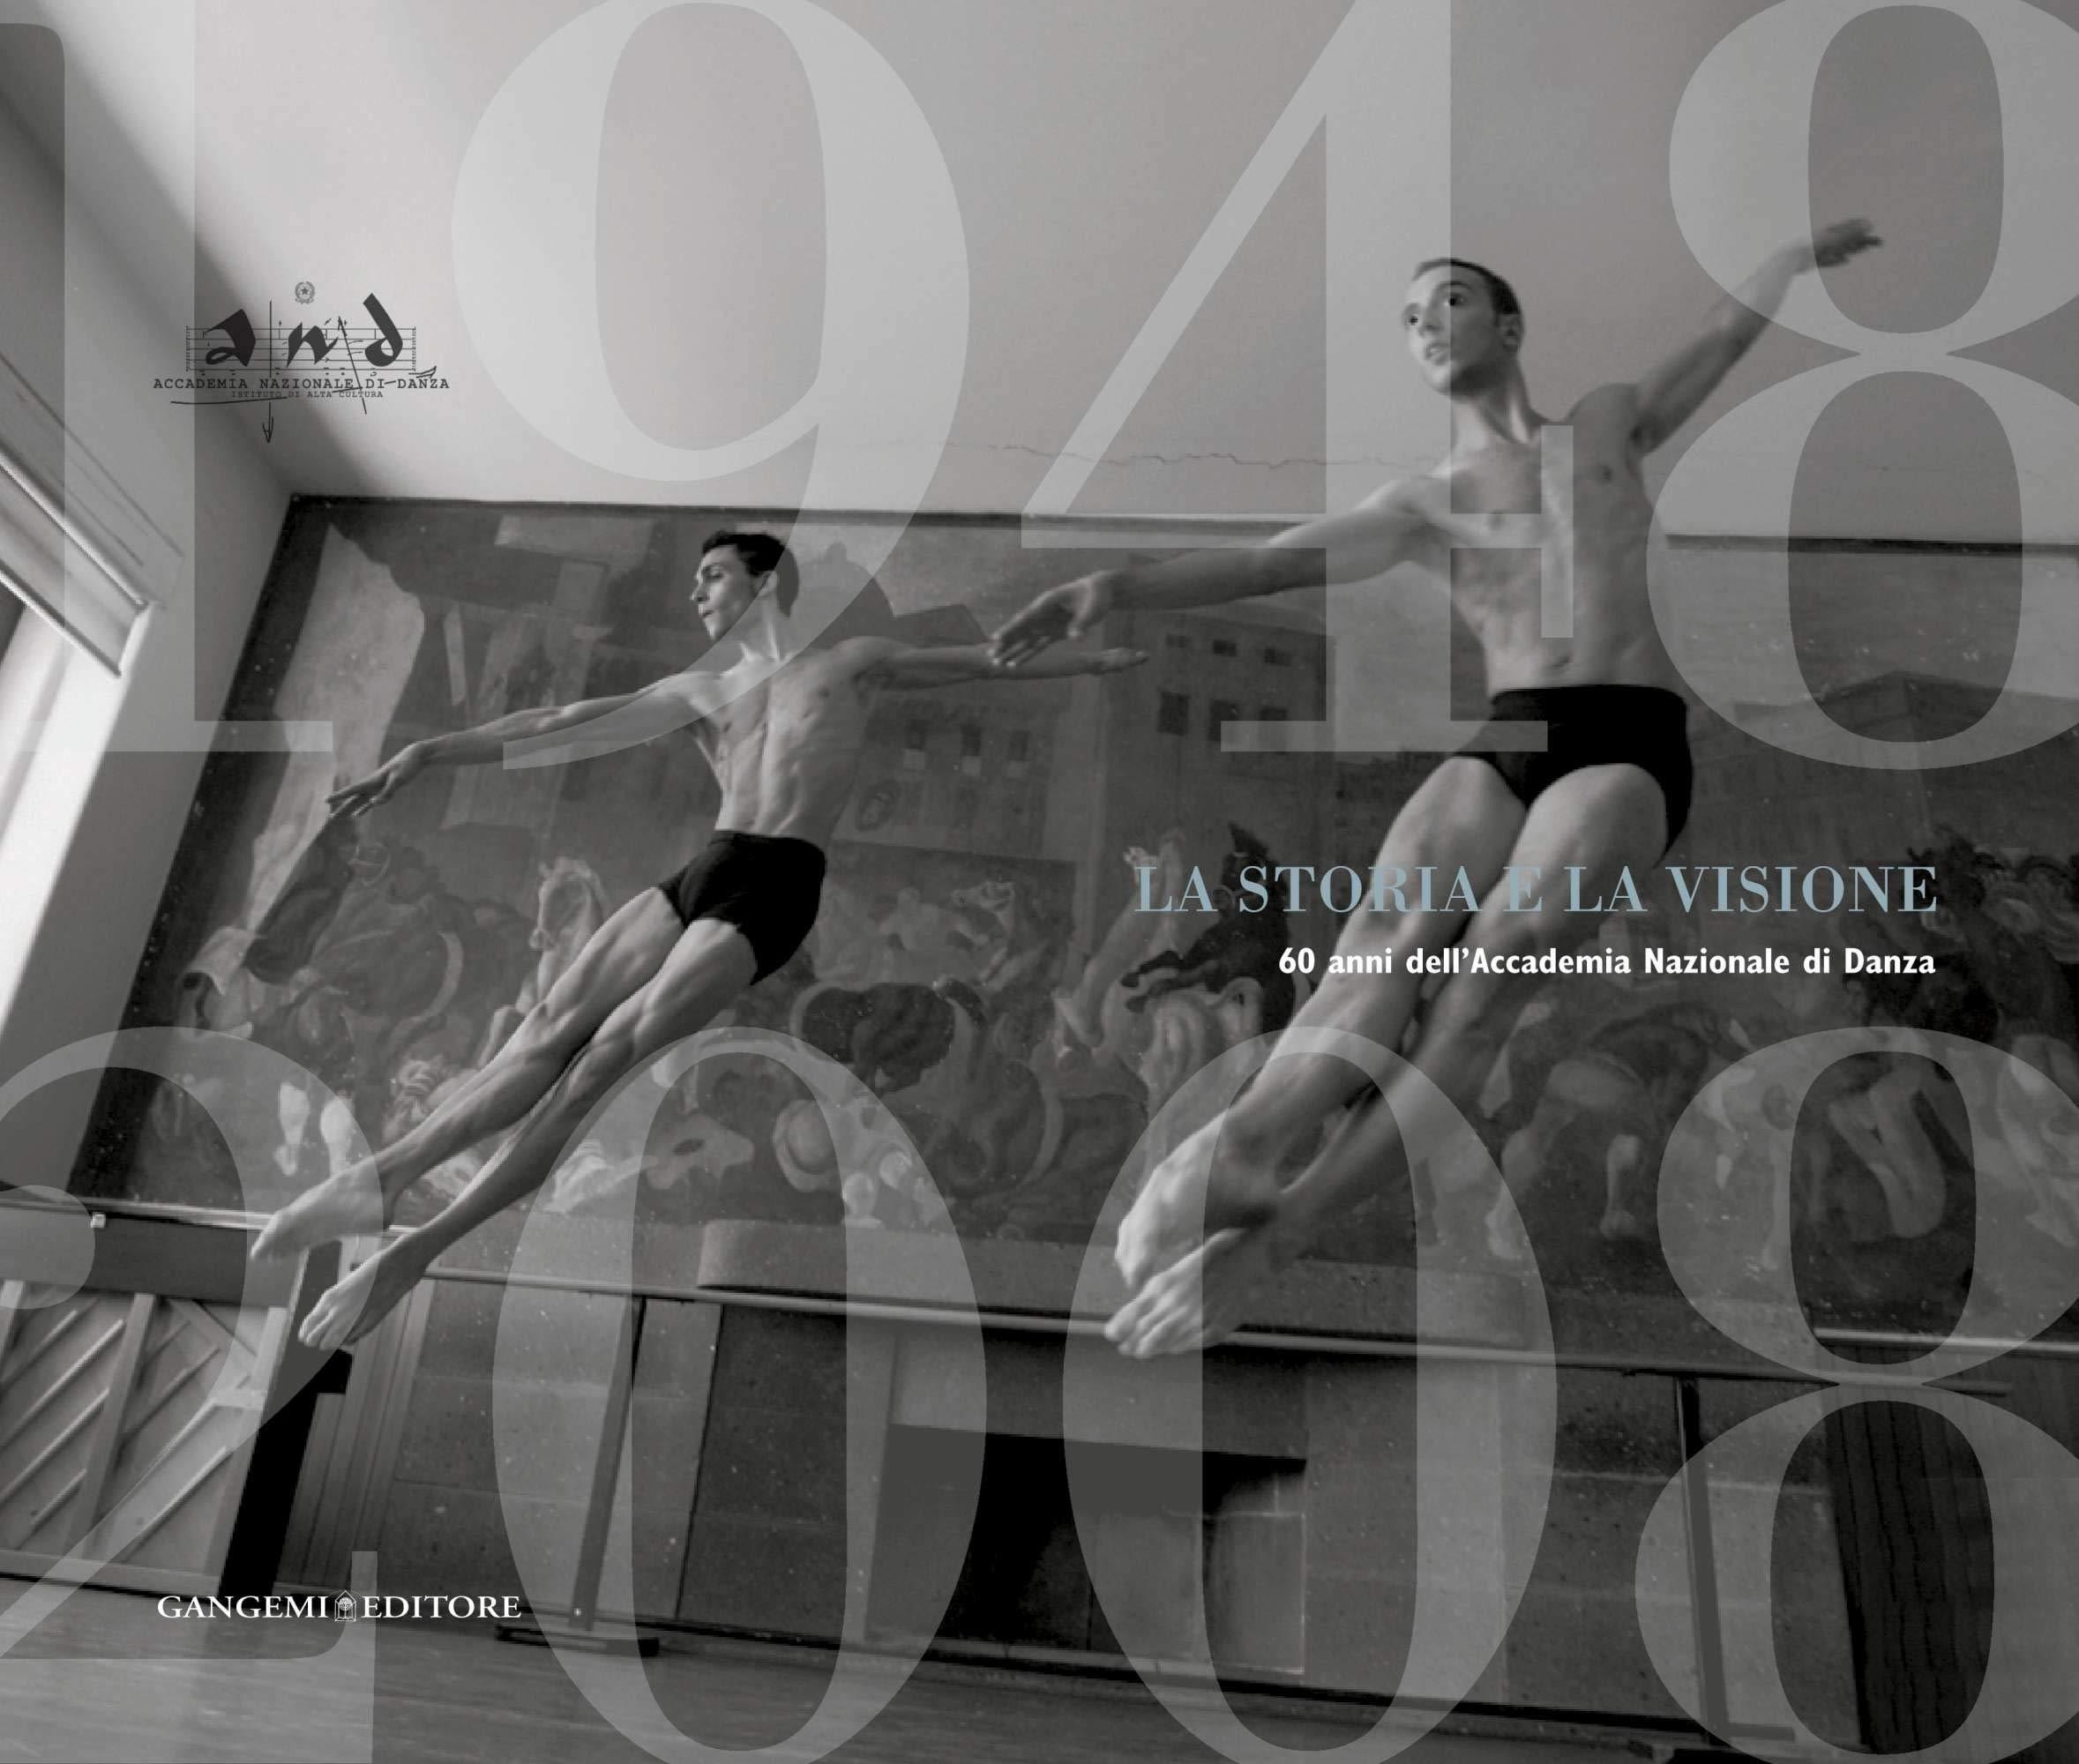 La Storia e la Visione. 60 Anni dell'Accademia Nazionale di Danza.la Storia e la Visione. 60 Anni dell'Accademia Nazionale di Danza